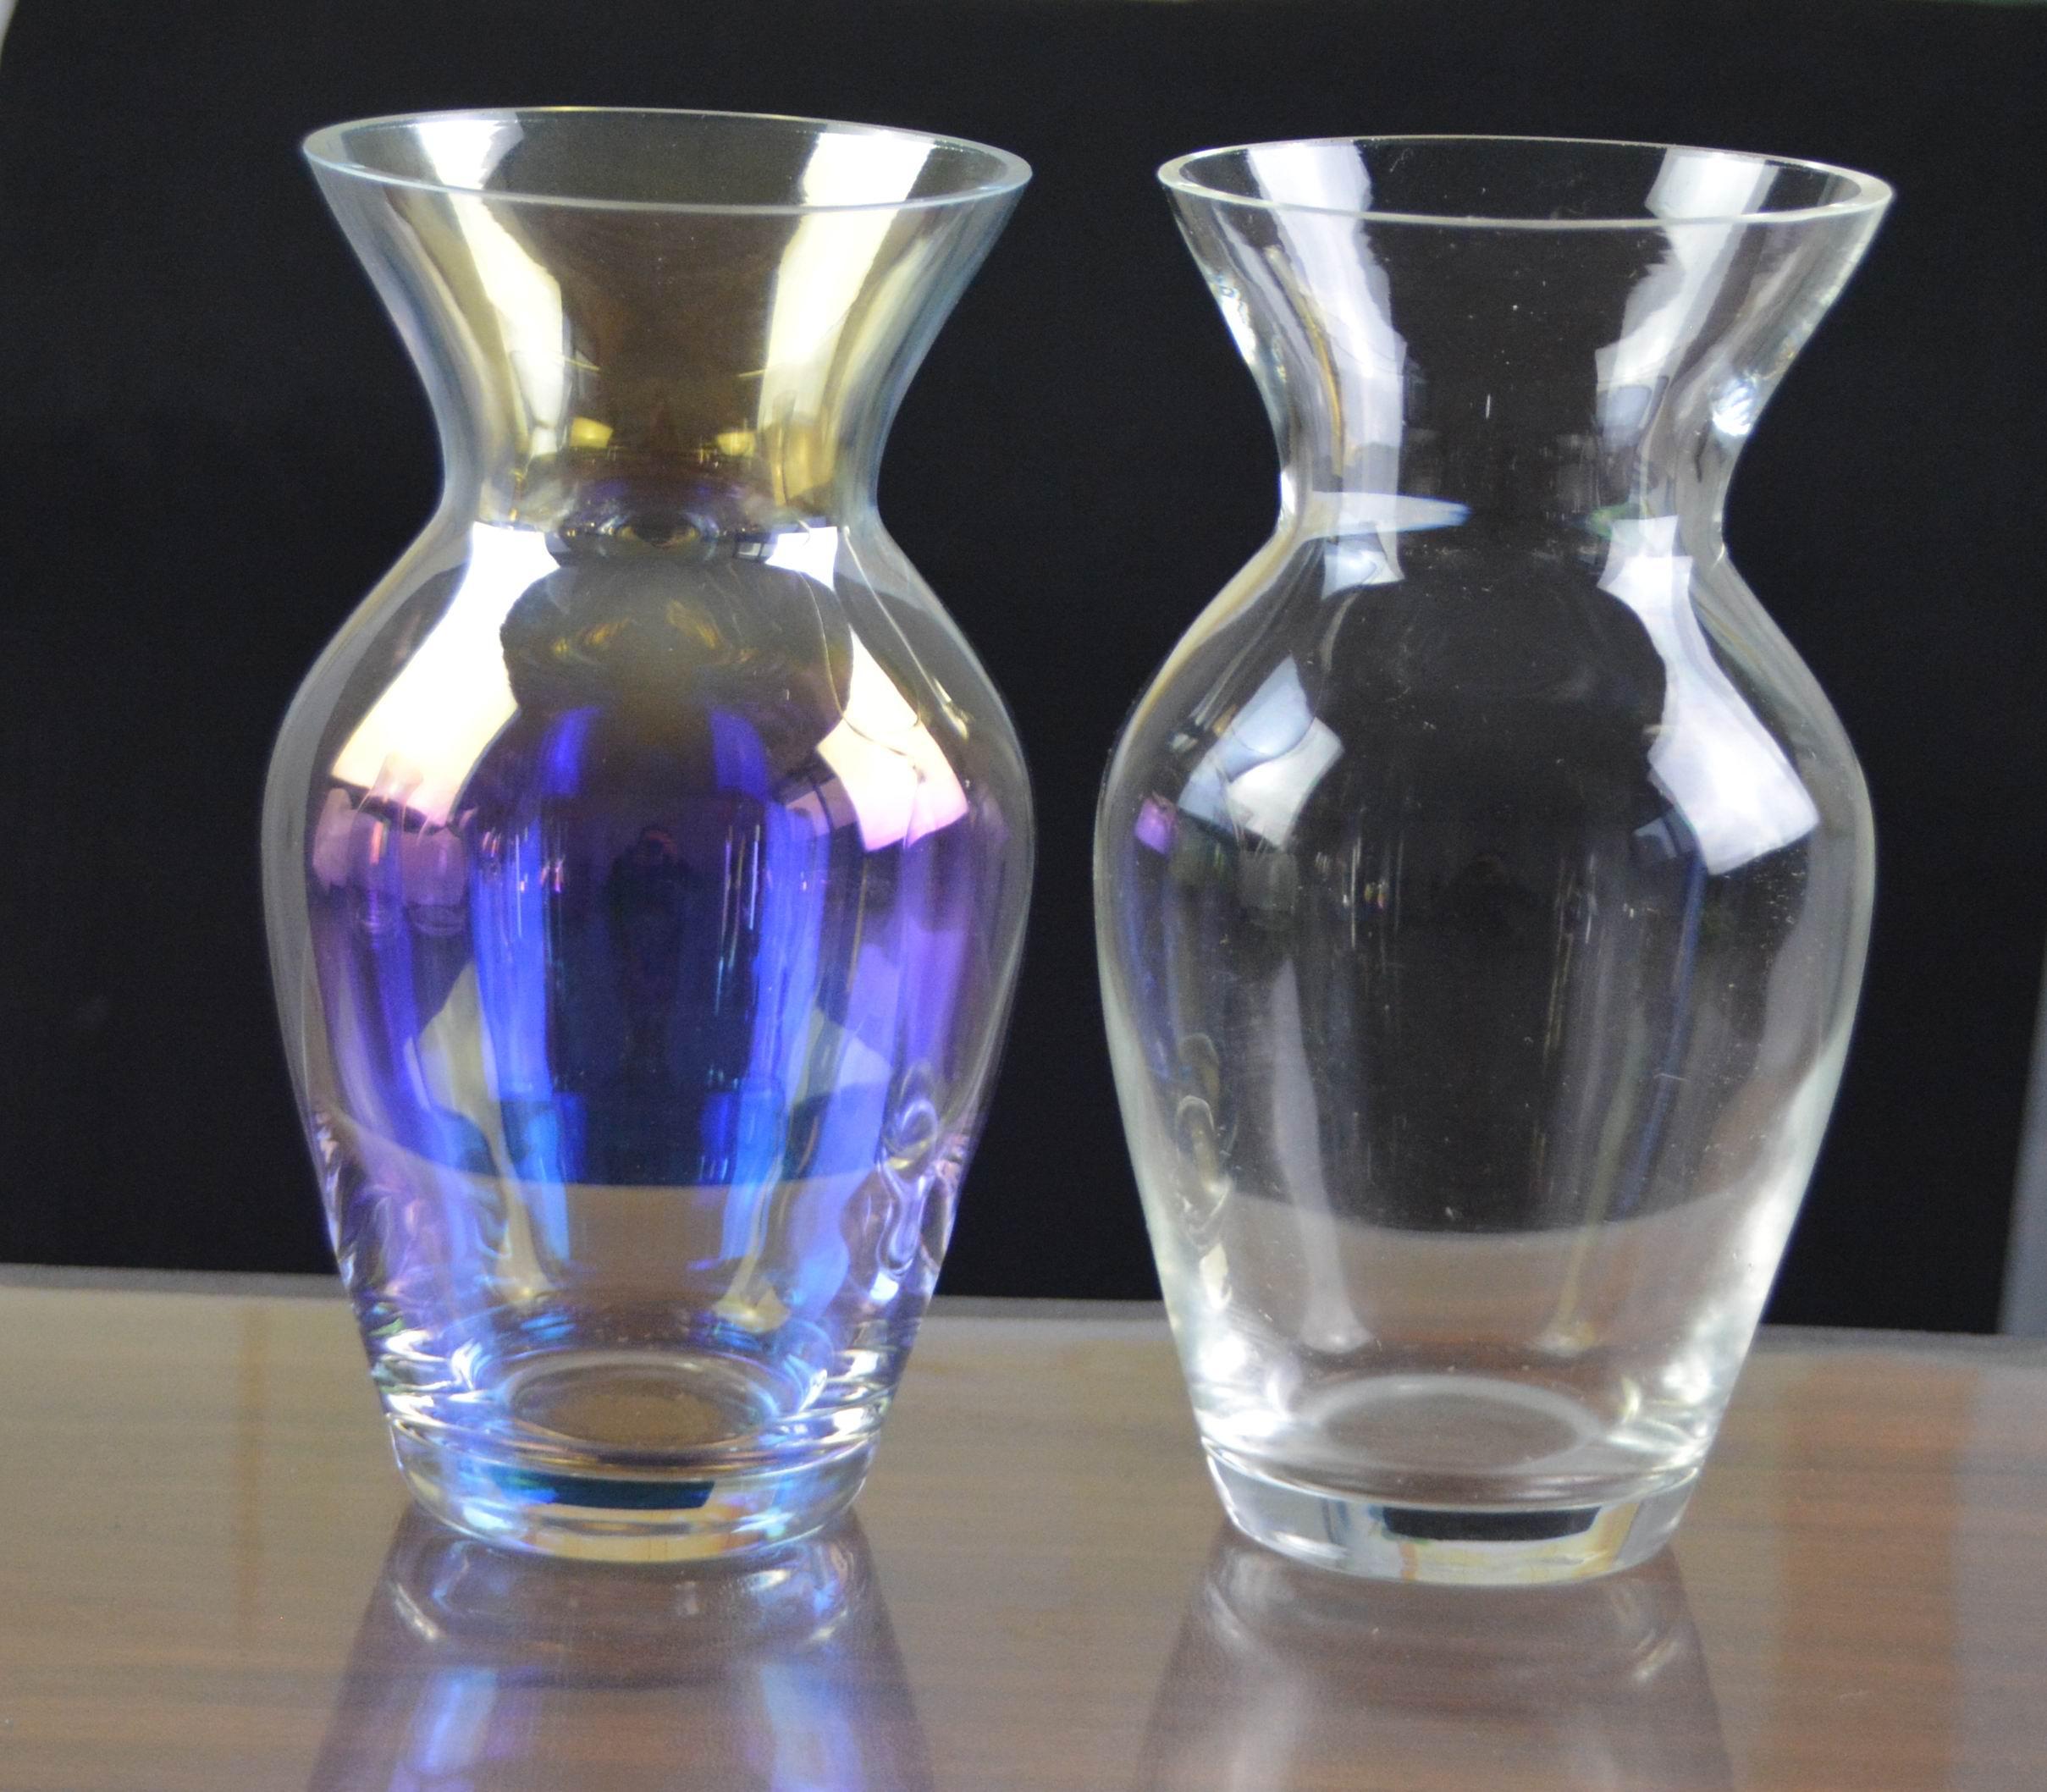 透明水晶玻璃花瓶生产厂家_彩色手工家用玻璃制品生产厂家-西安大西家居用品有限a片在线观看